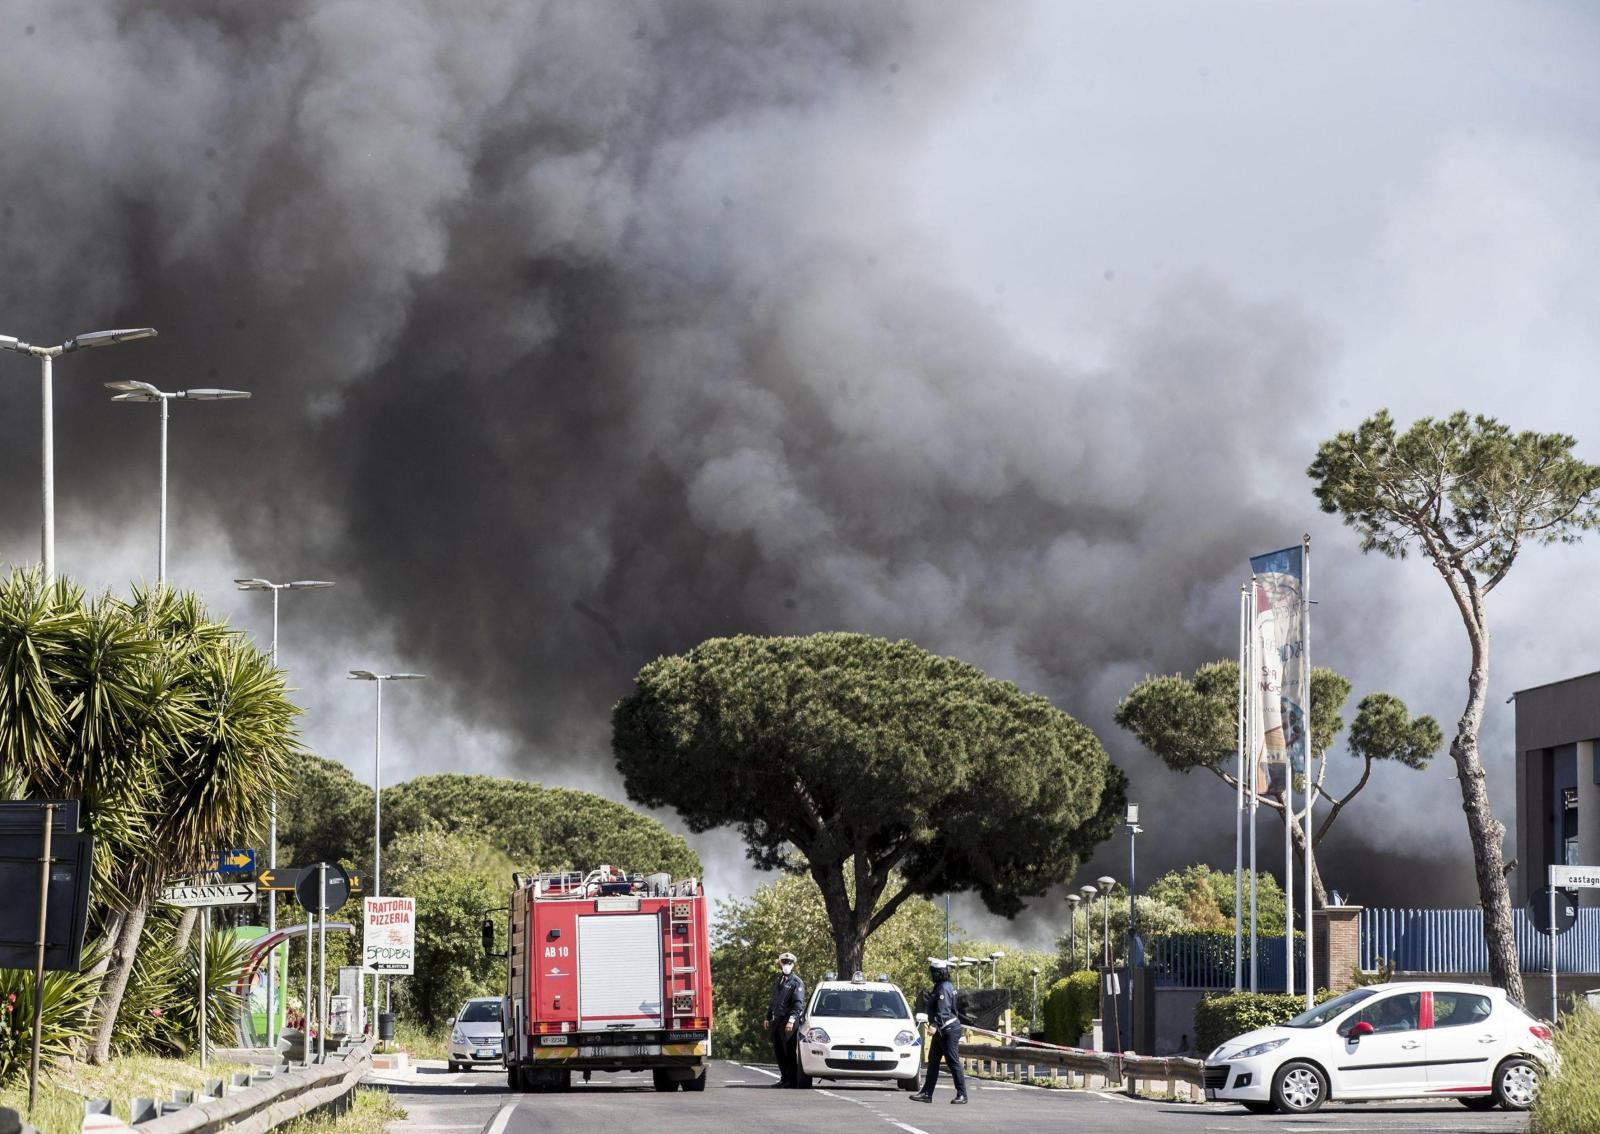 Pożar w Pomezii we Włoszech. Fot. PAP/EPA/MASSIMO PERCOSSI